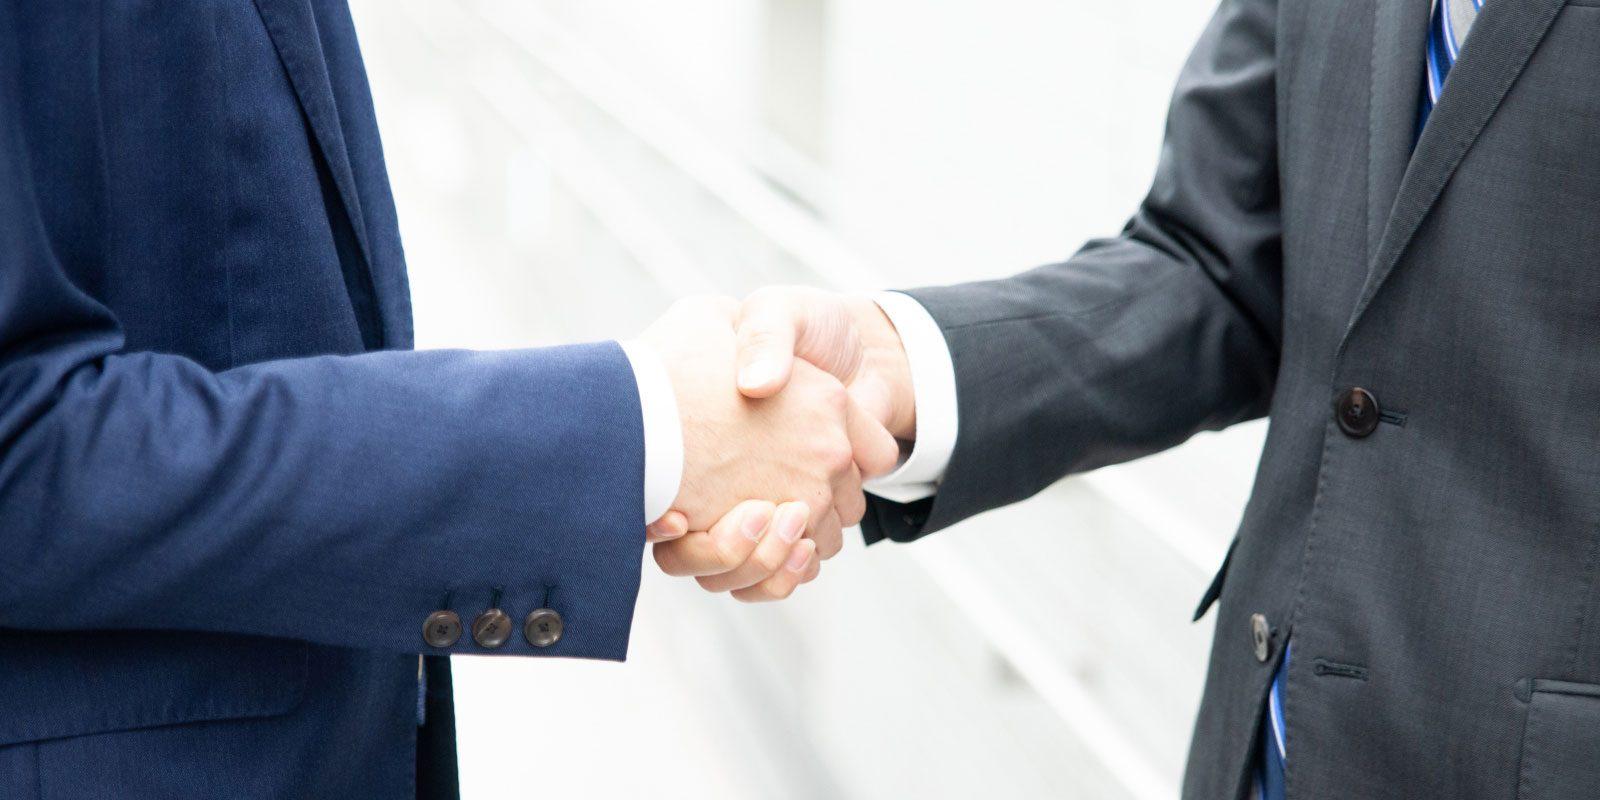 創業・融資サポート